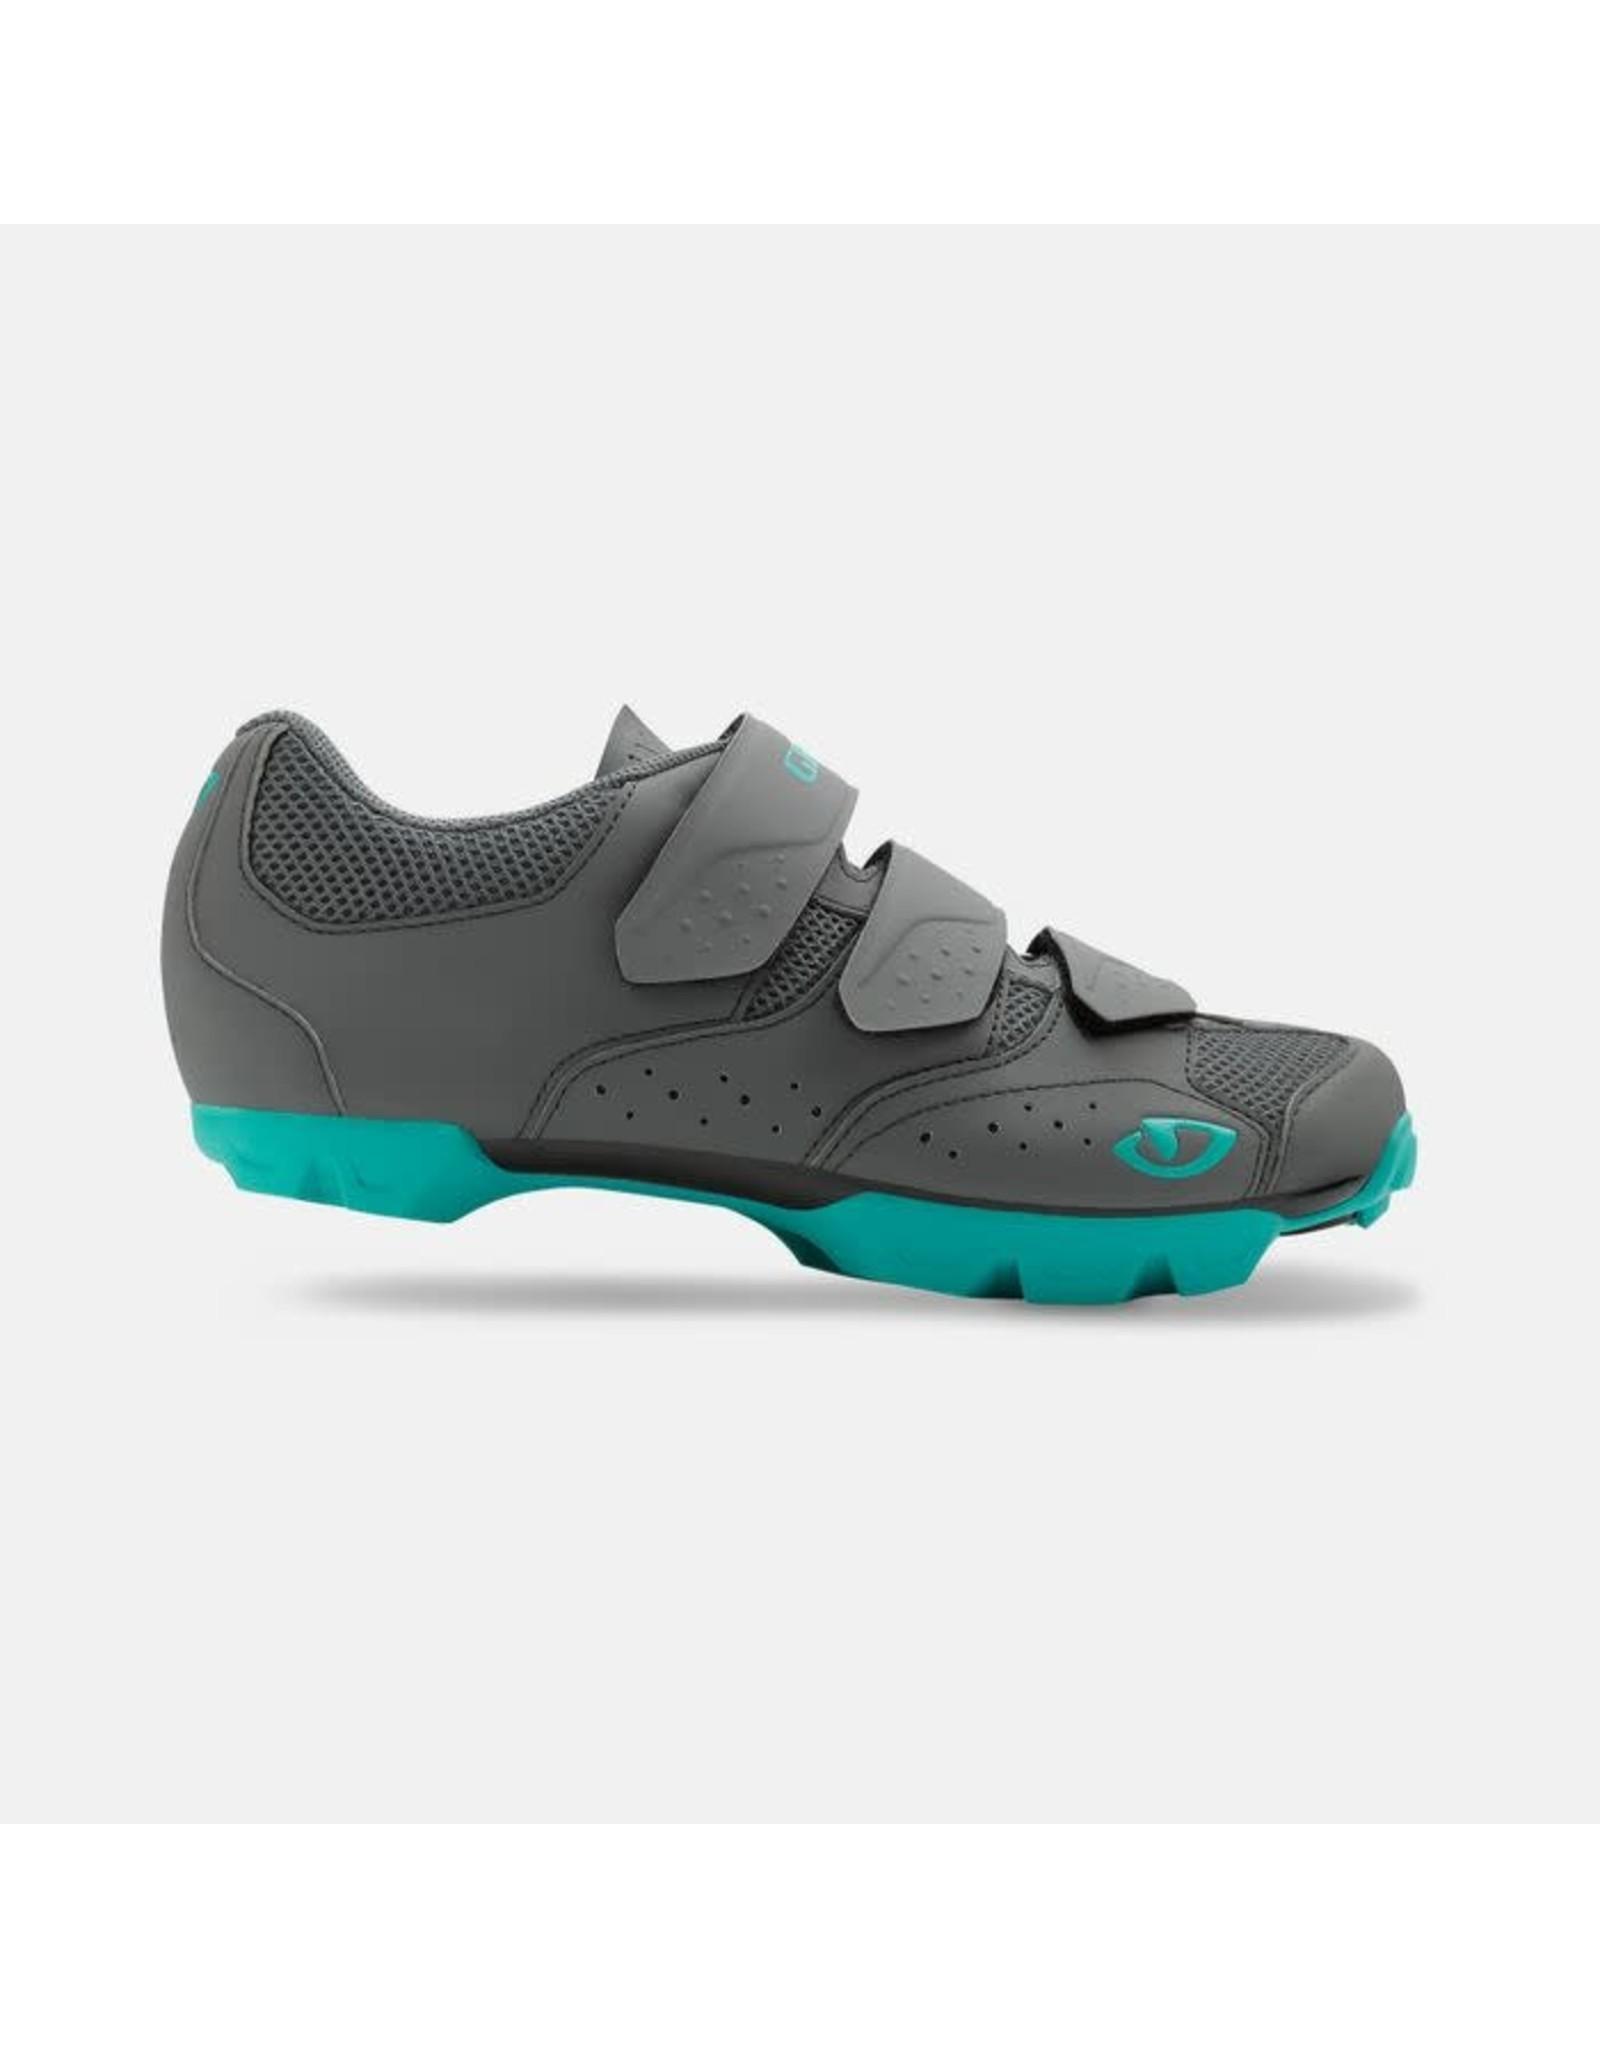 Women's Riela R II Mountain Shoe